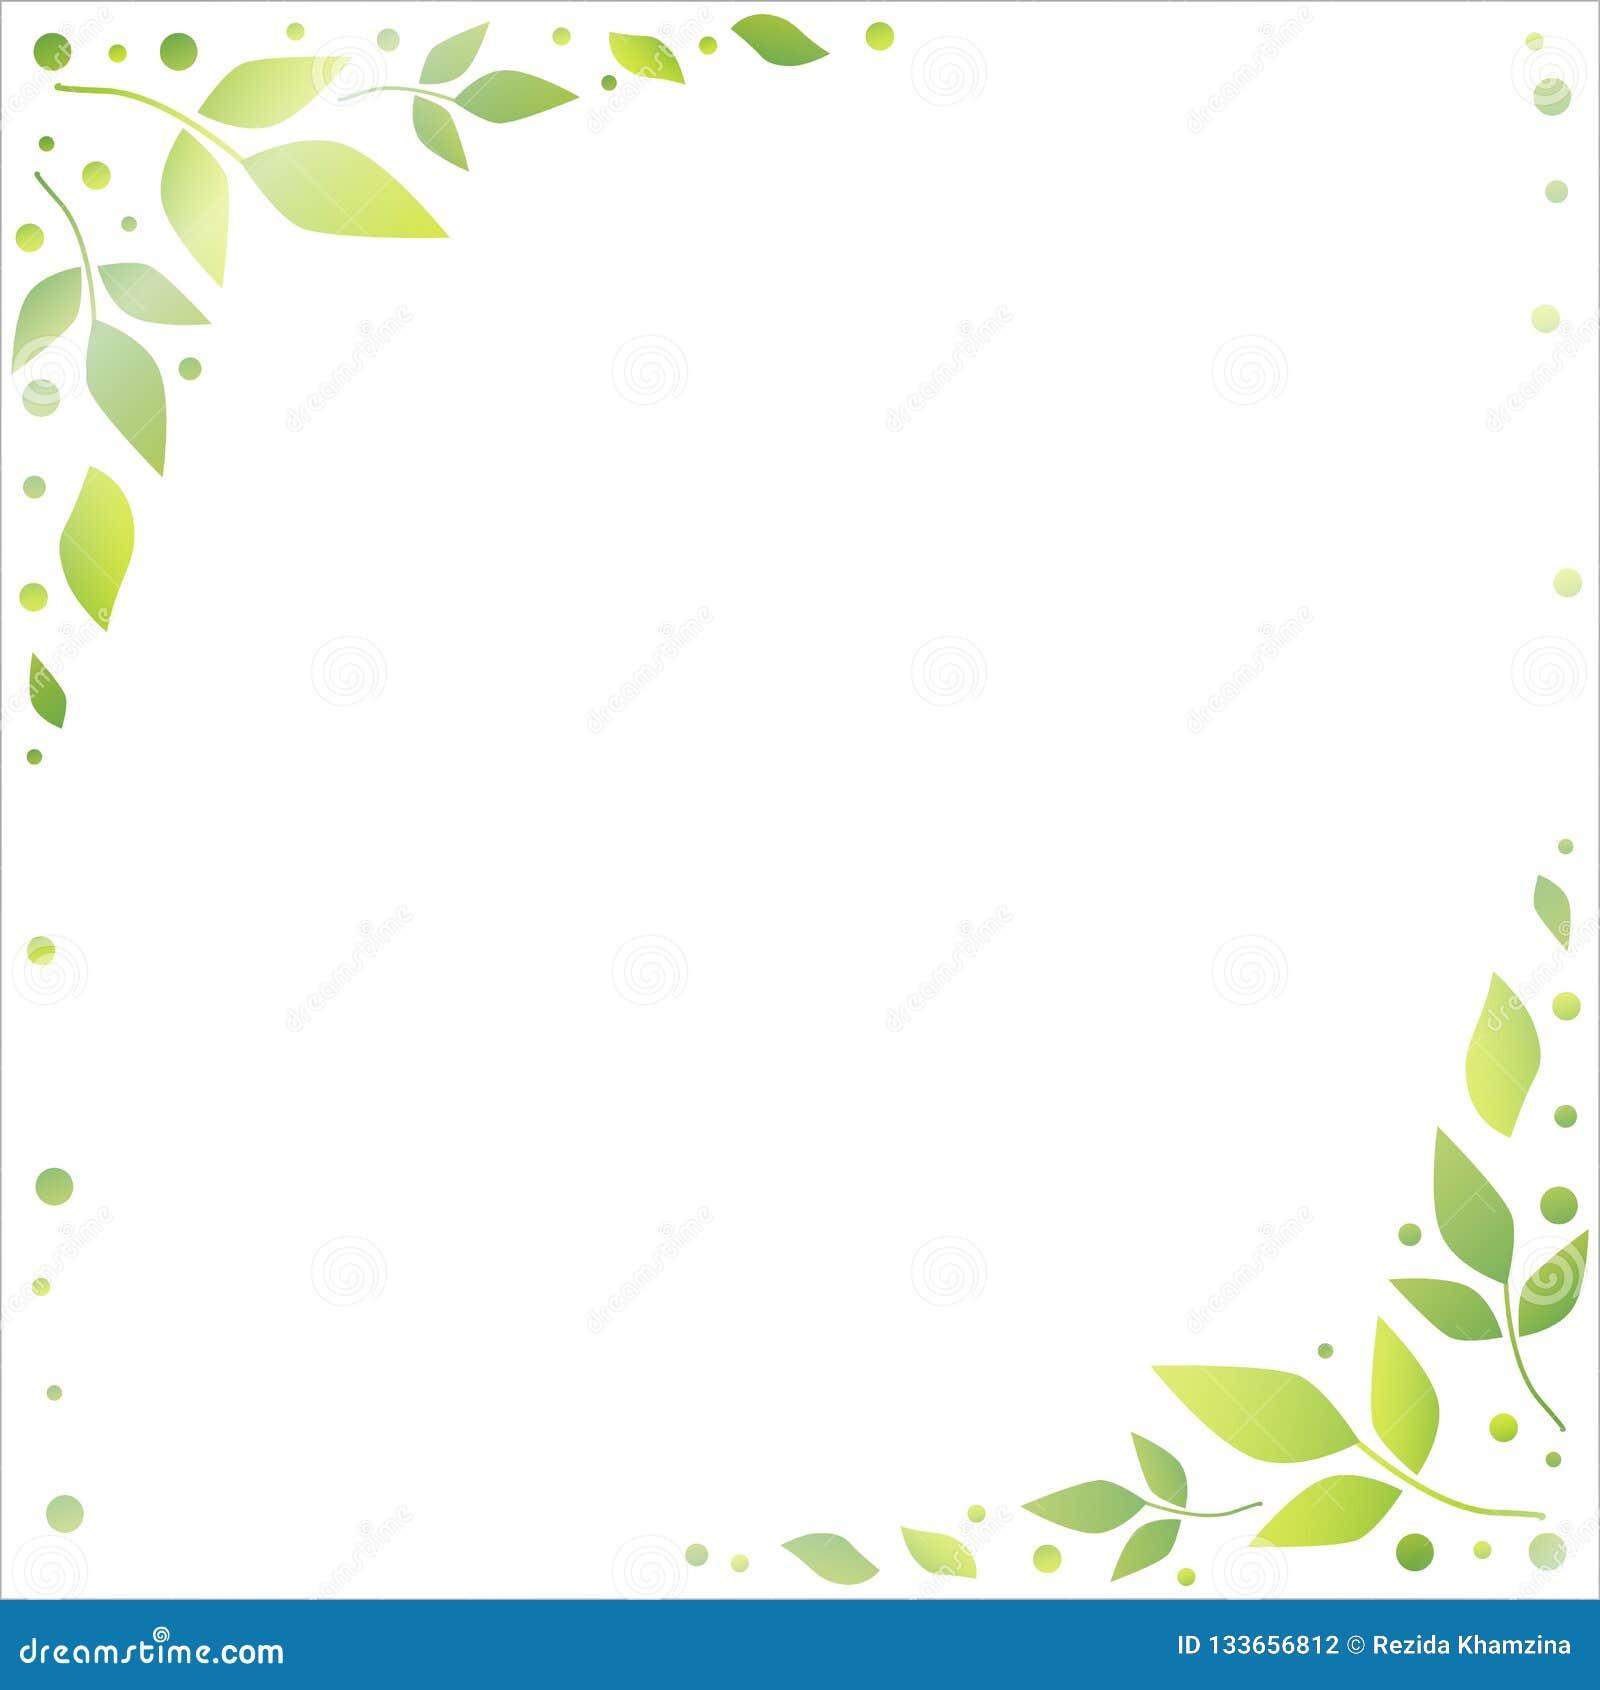 Fondo Blanco Con Los Bordes Decorativos De Hojas Y De Puntos